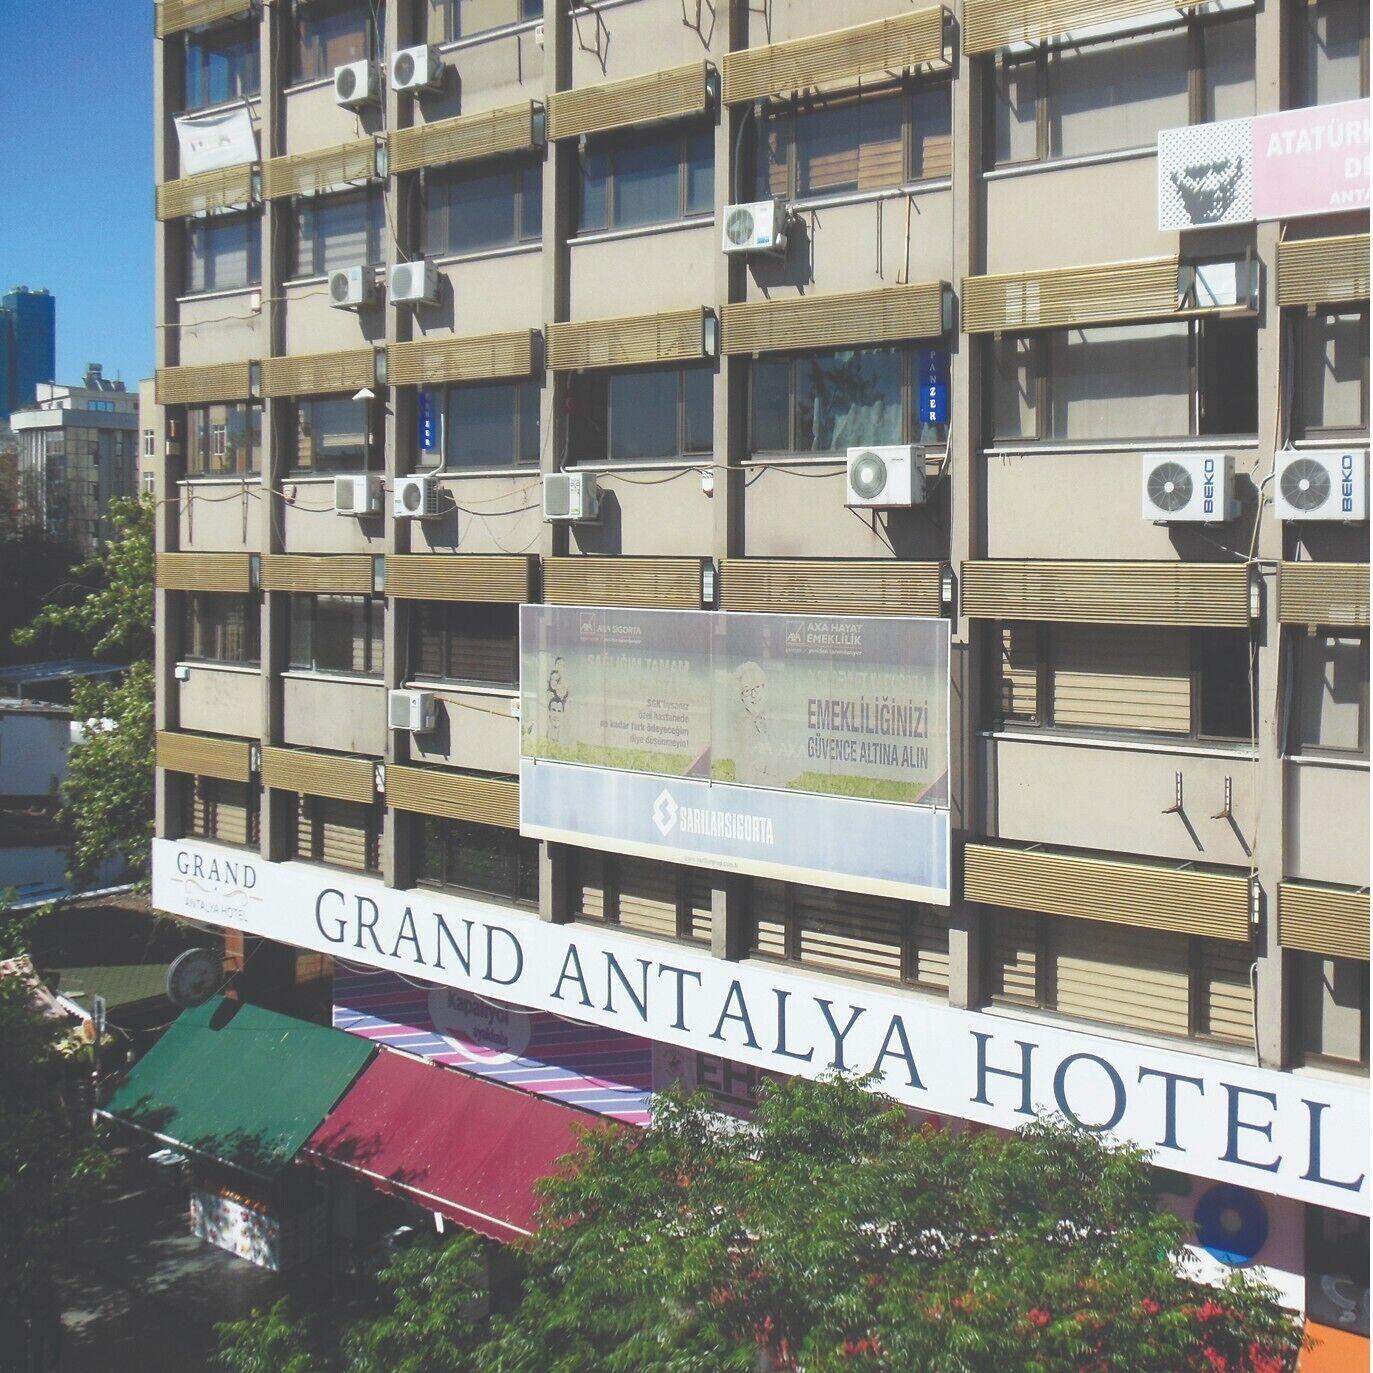 Grand Antalya